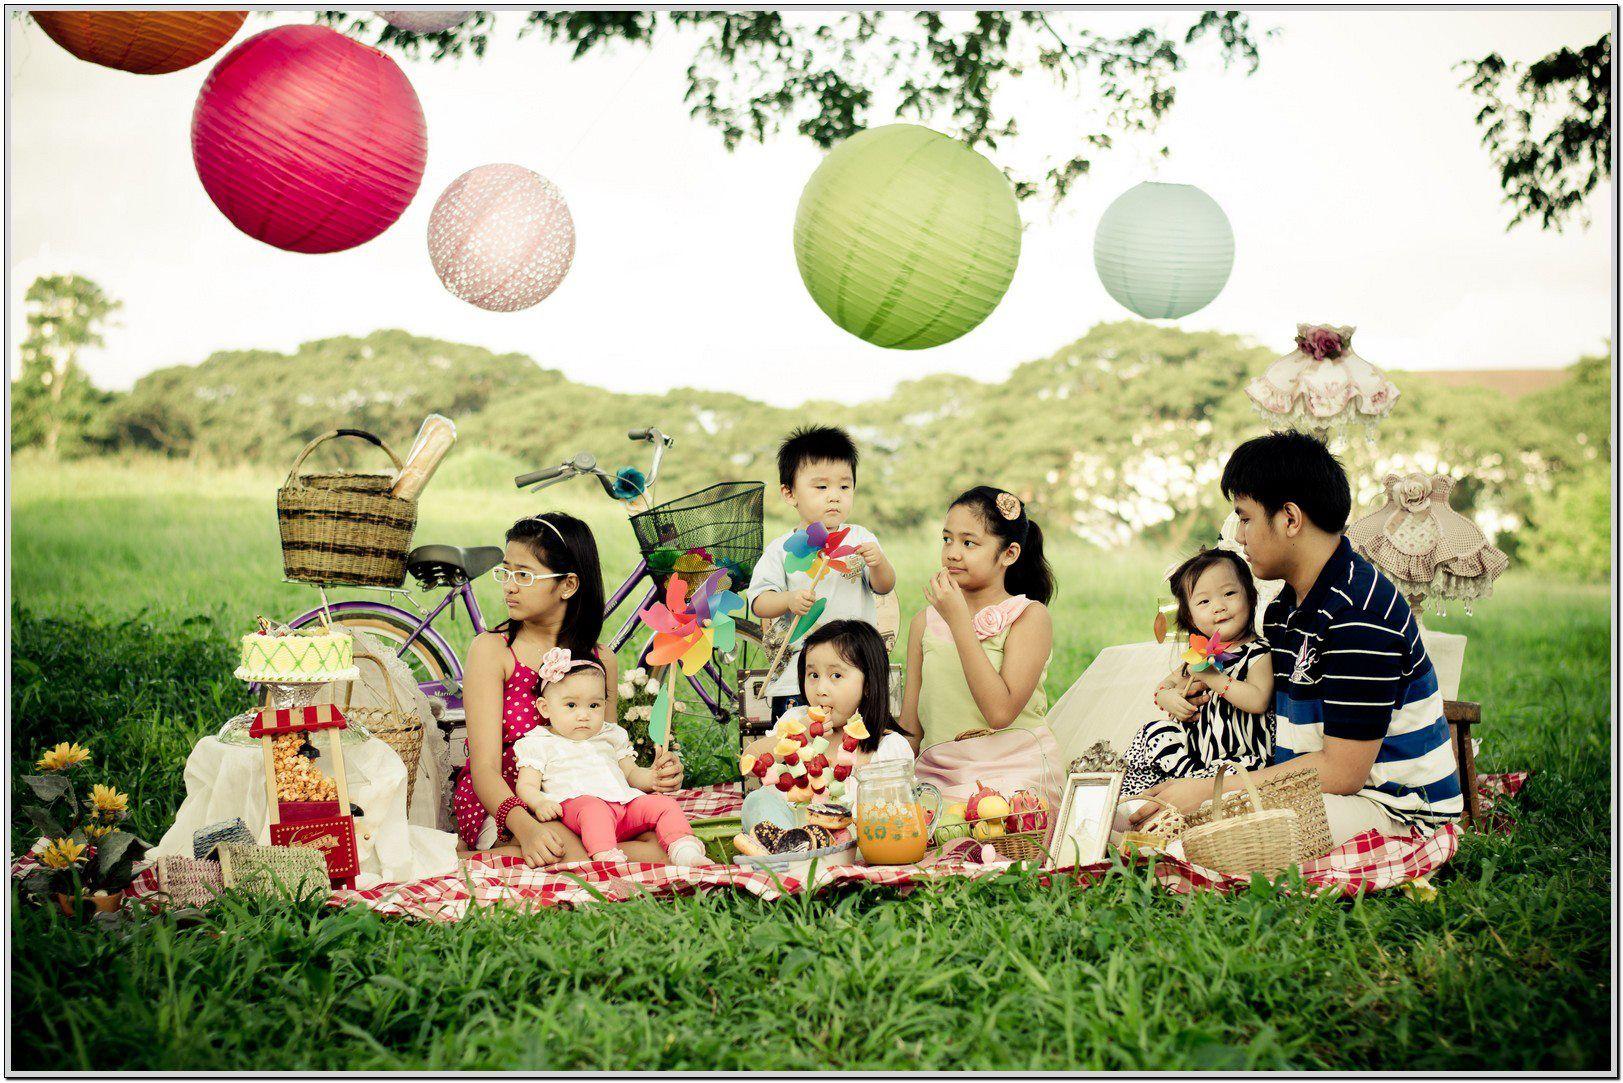 Fun Family Picnic Photo Shoot Fun Family Photos Picnic Photo